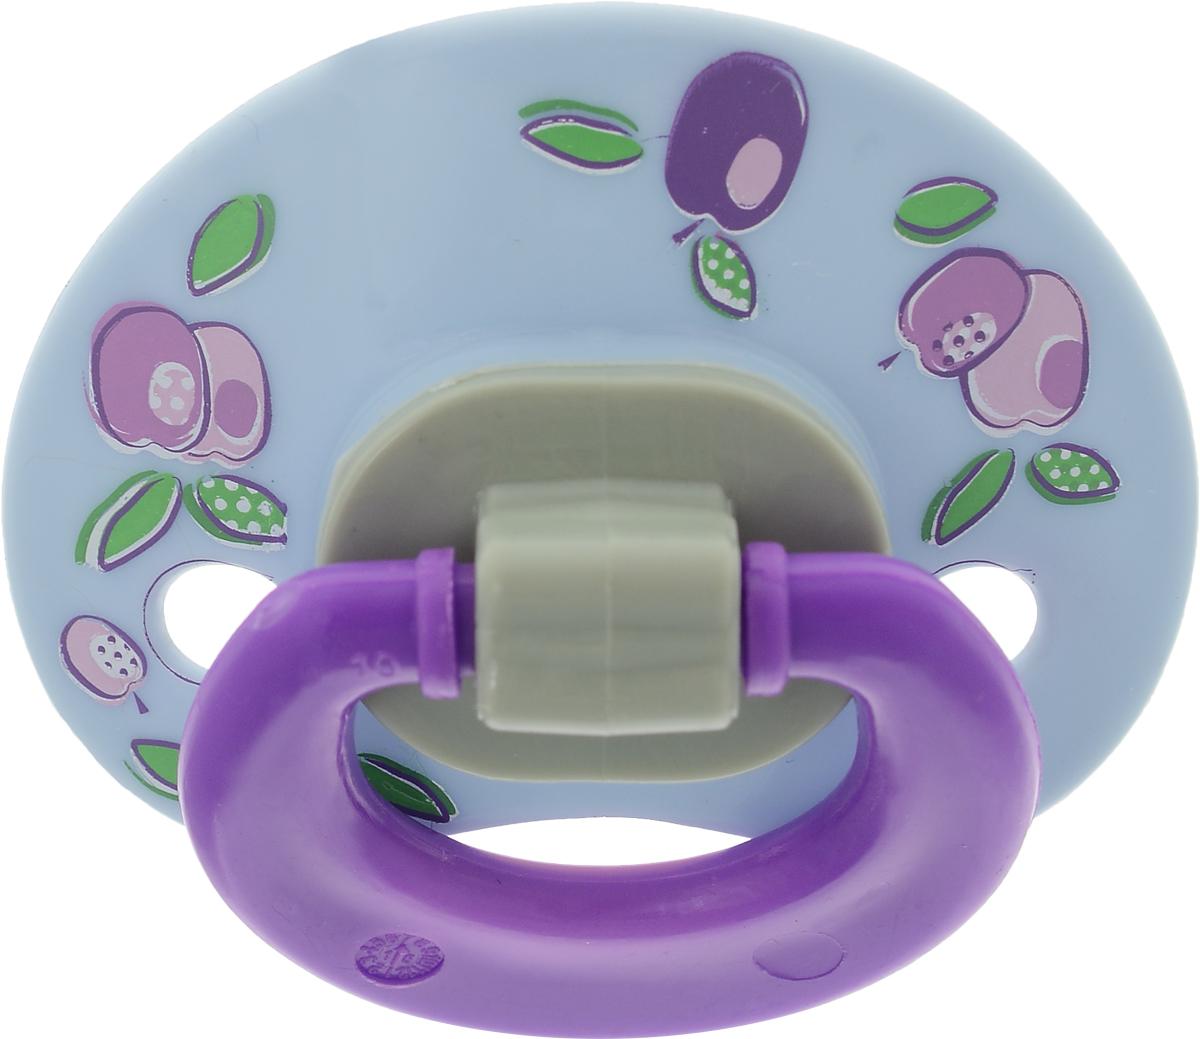 Мир детства Пустышка латексная ортодонтическая от 6 месяцев цвет фиолетовый 13106